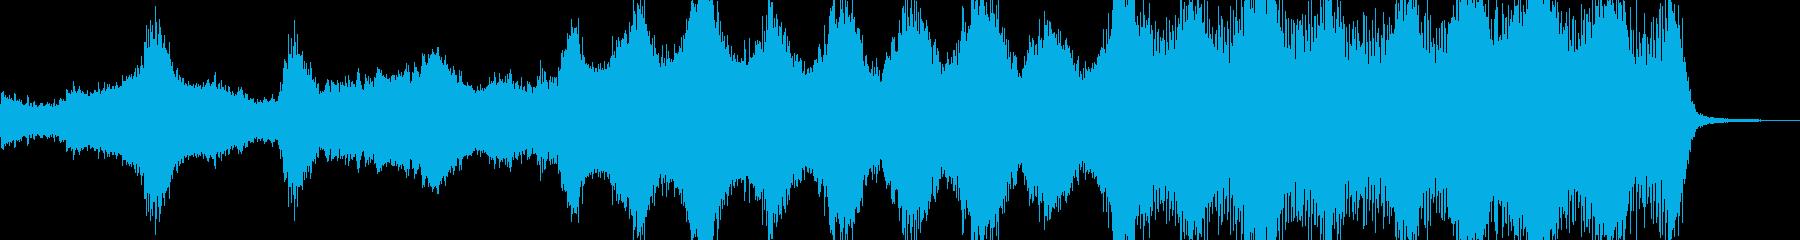 アンデッド・血生臭いホラーを演出 B3の再生済みの波形